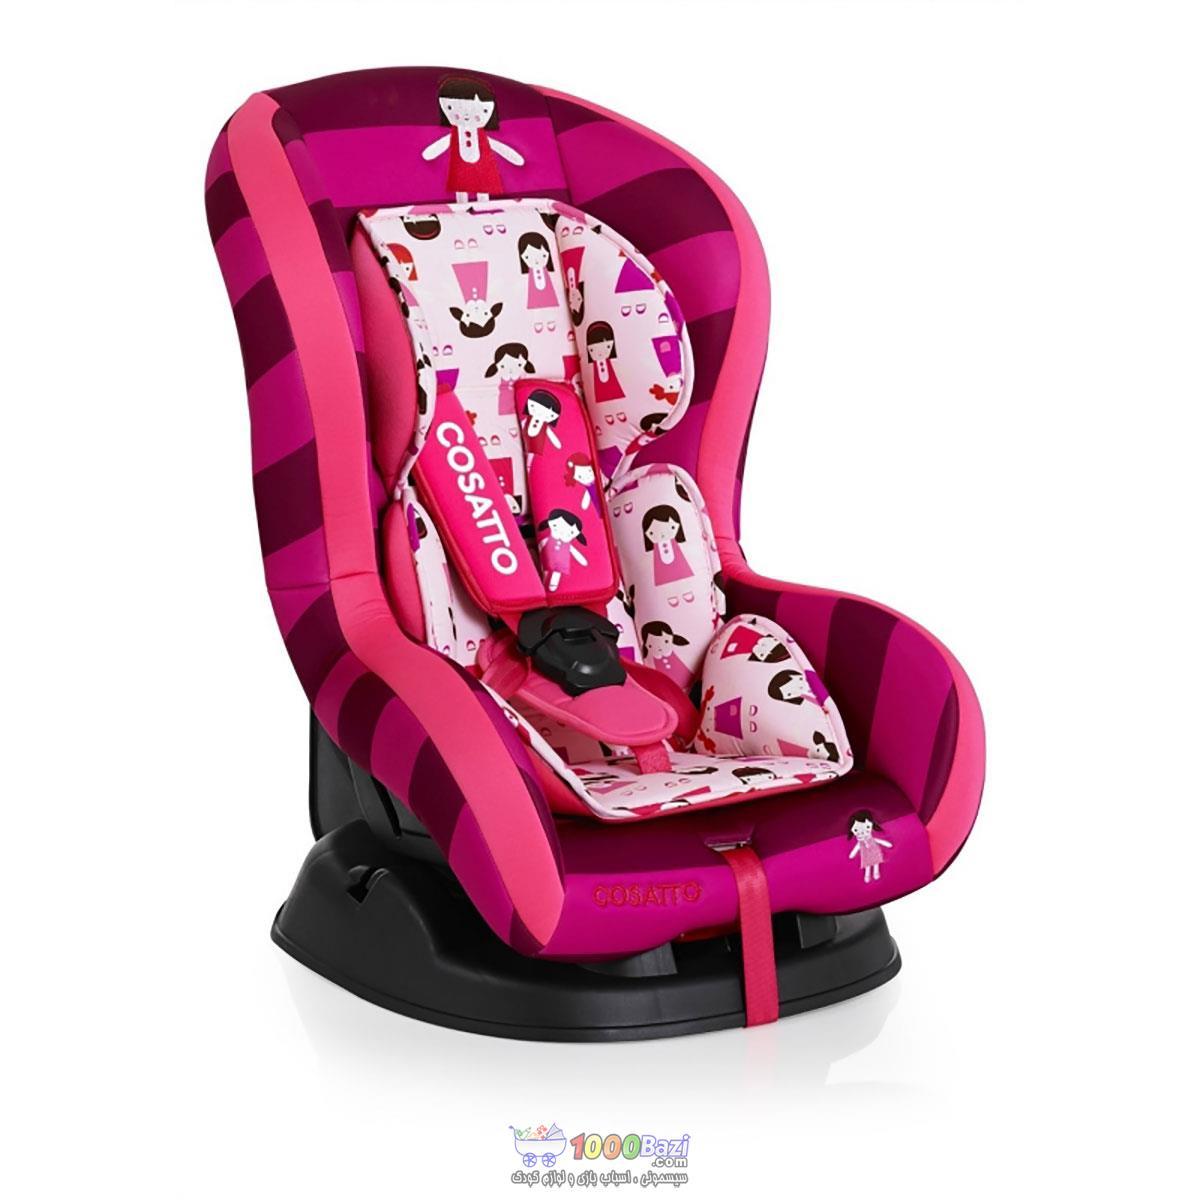 خرید سیسمونی  صندلی ماشین کوزاتو cosatto